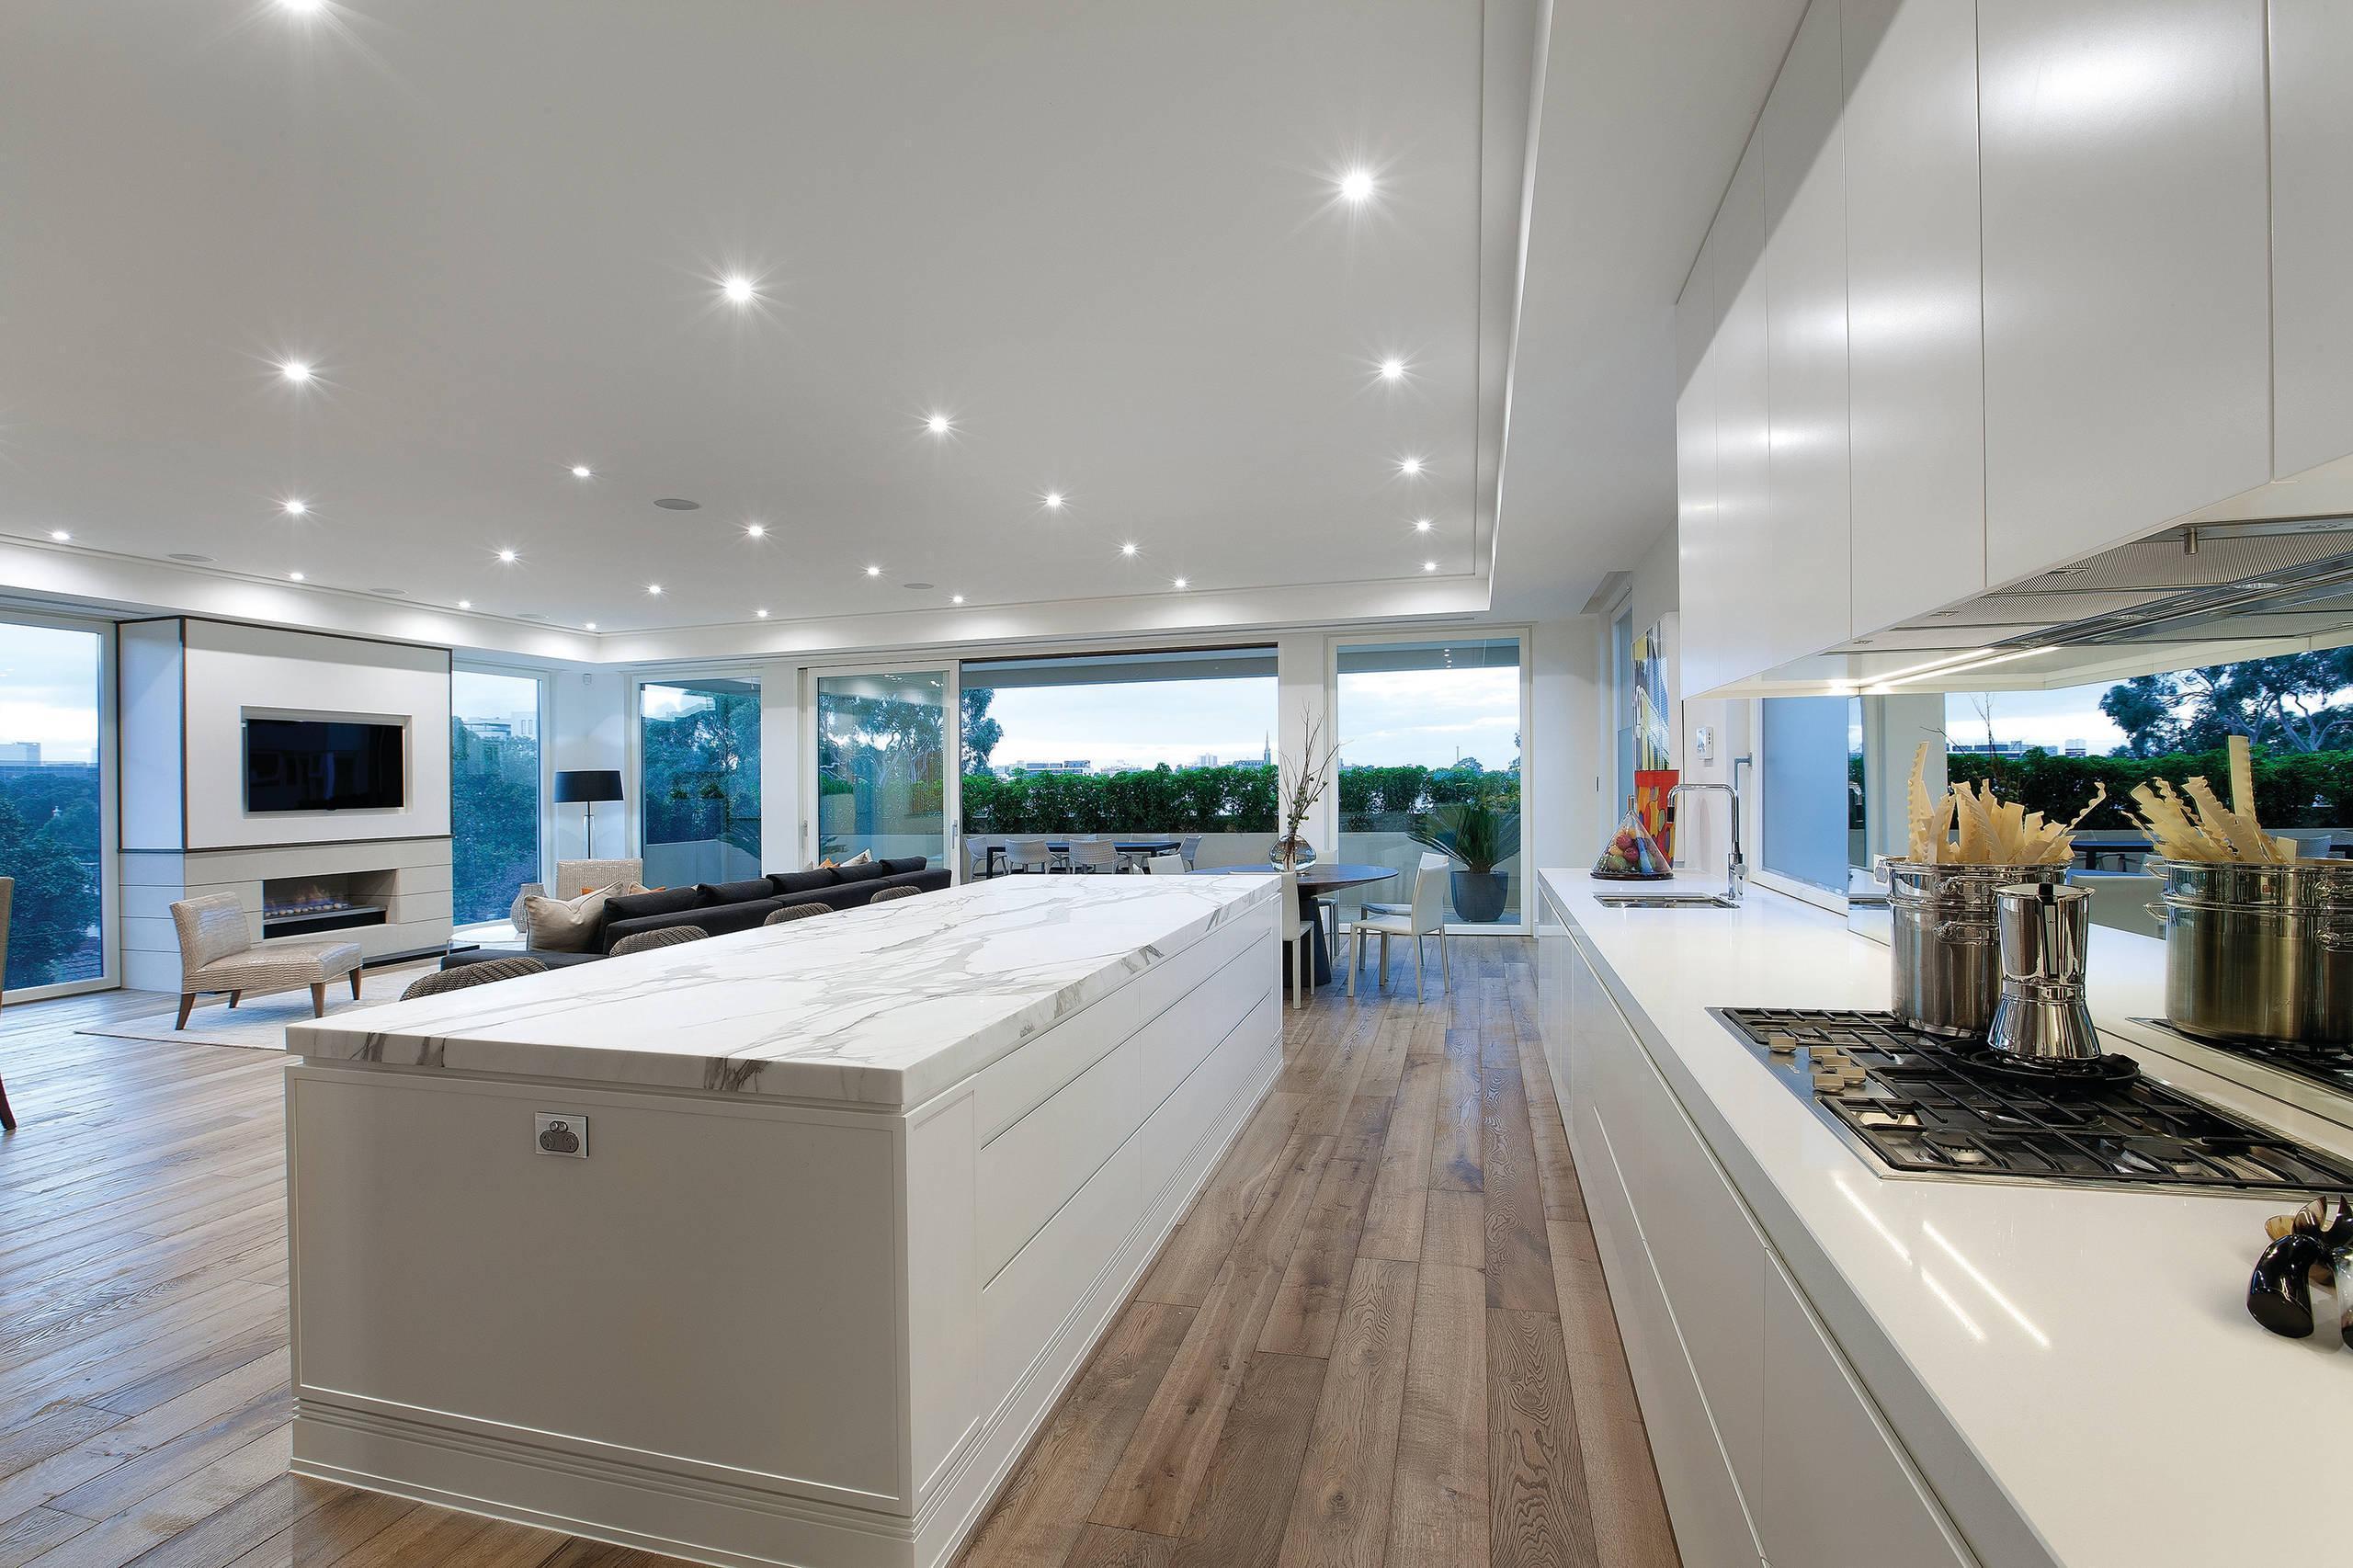 Casas modernas ideias dicas fachadas e projetos 80 fotos for Casa moderna parquet